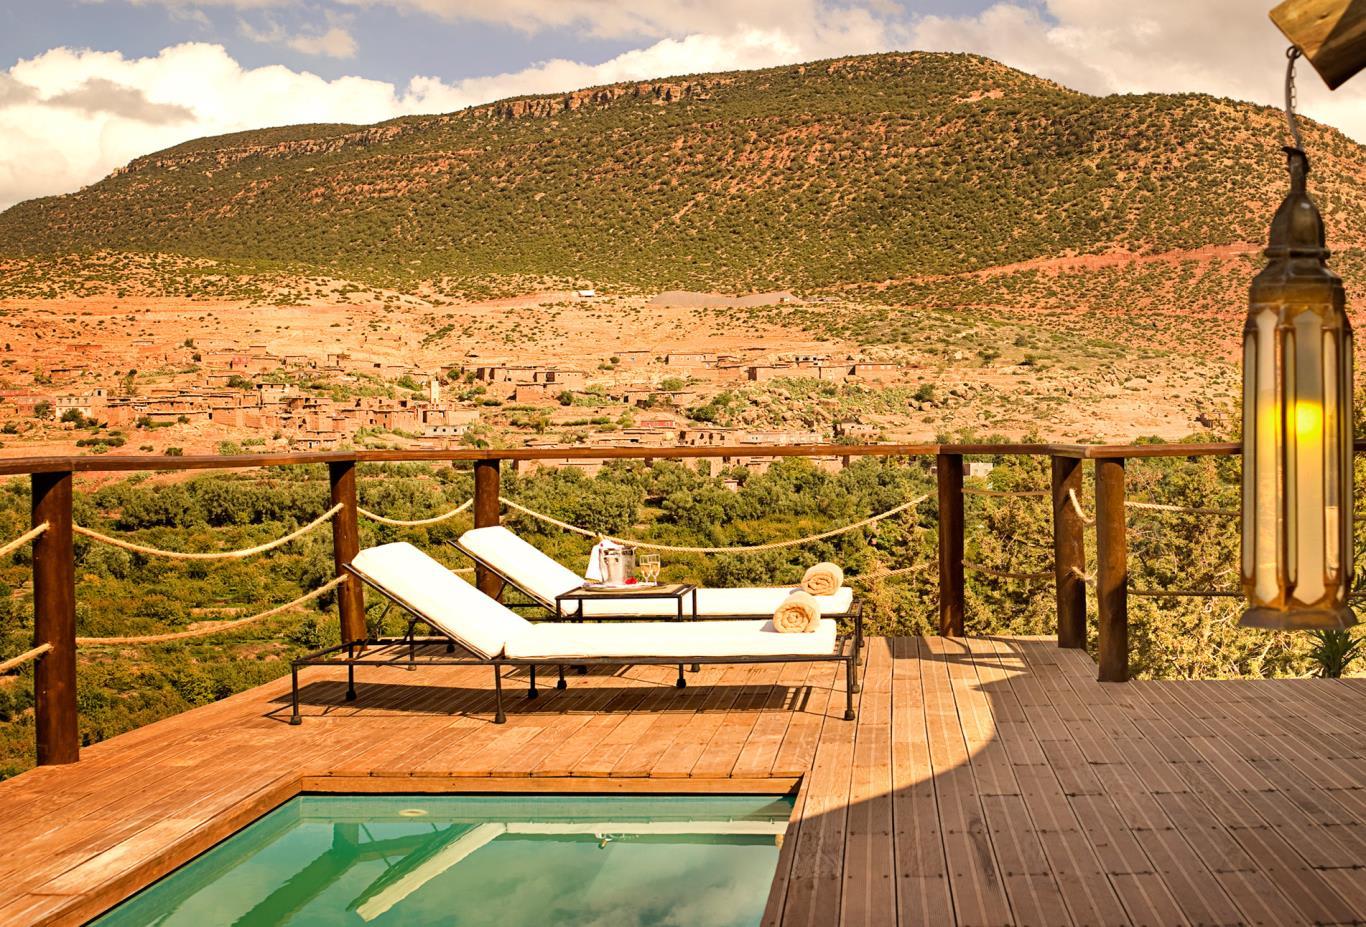 Berber Tent pool